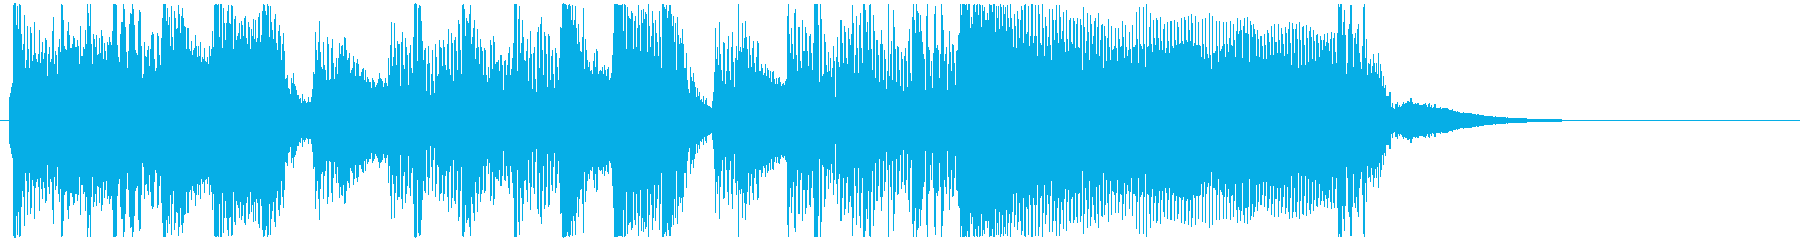 【バンドサウンド】シンプルなジングルの再生済みの波形